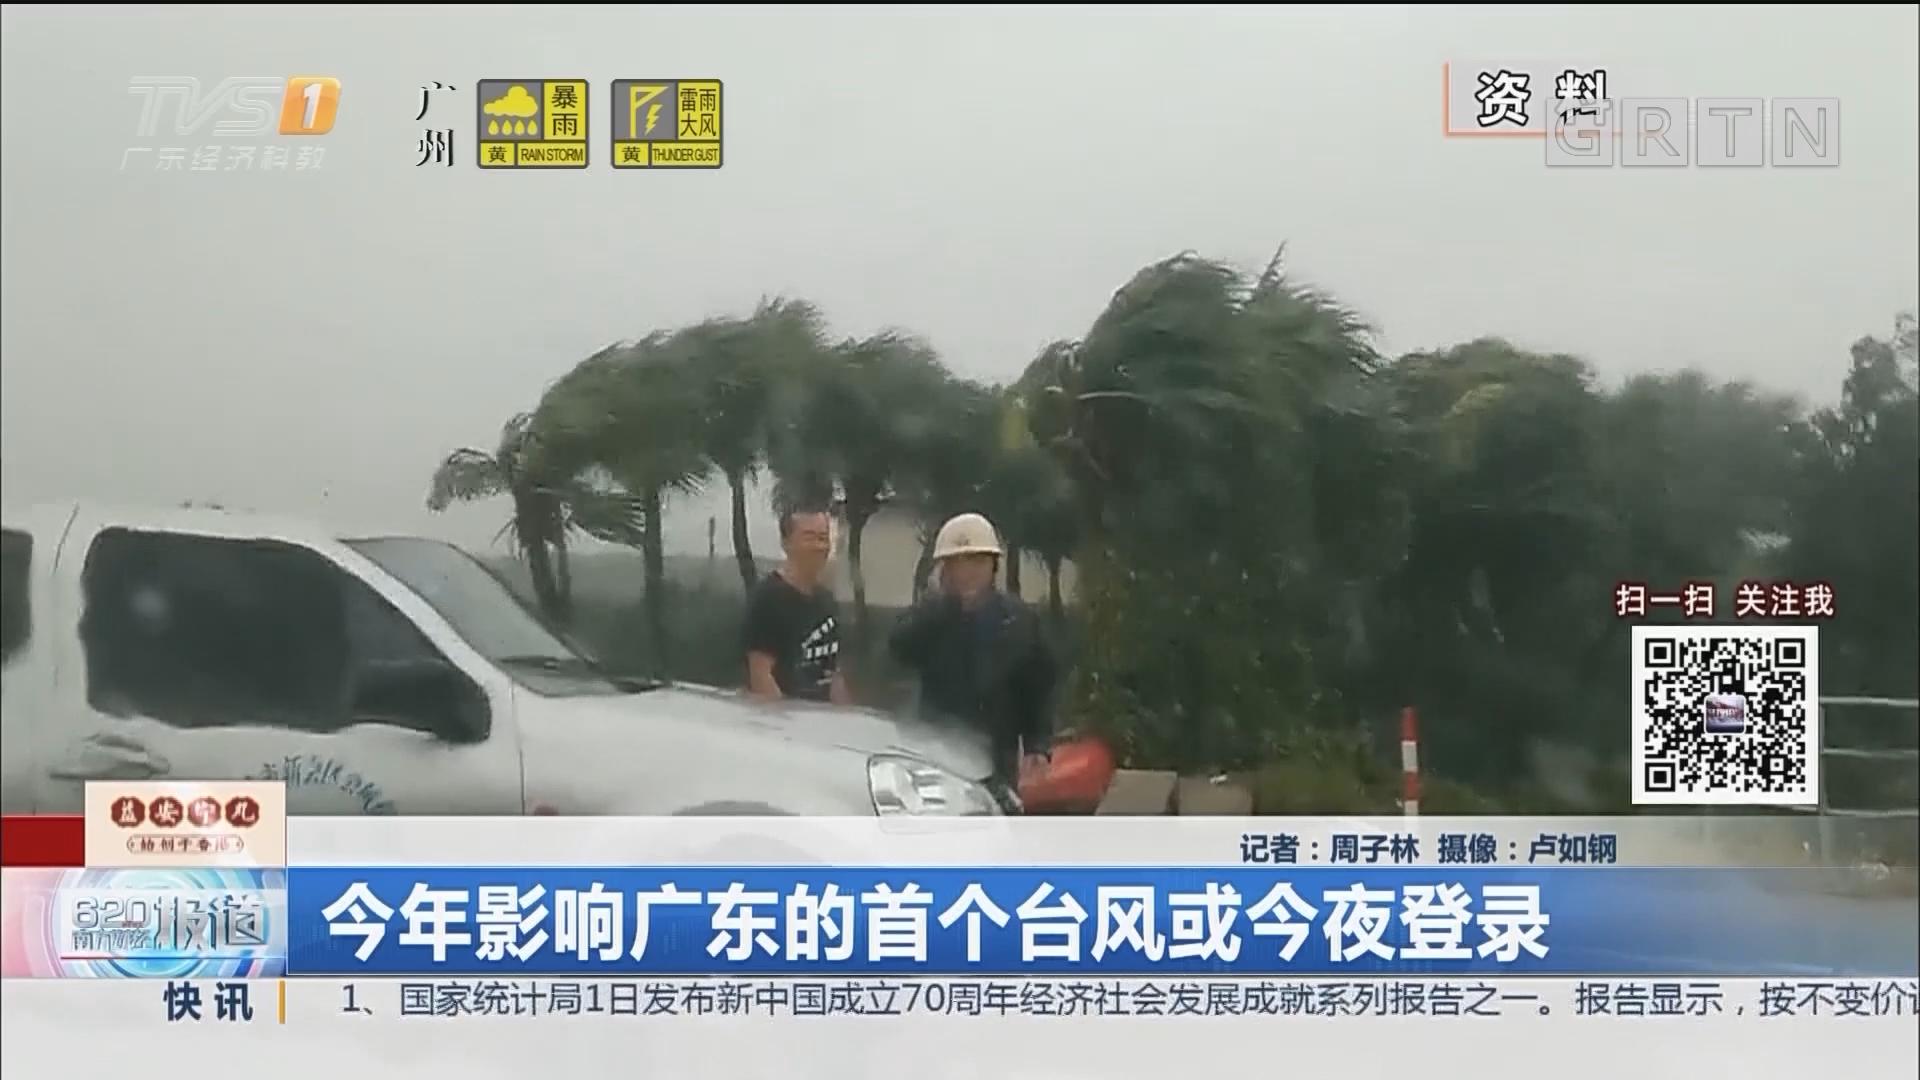 今年影响广东的首个台风或今夜登录